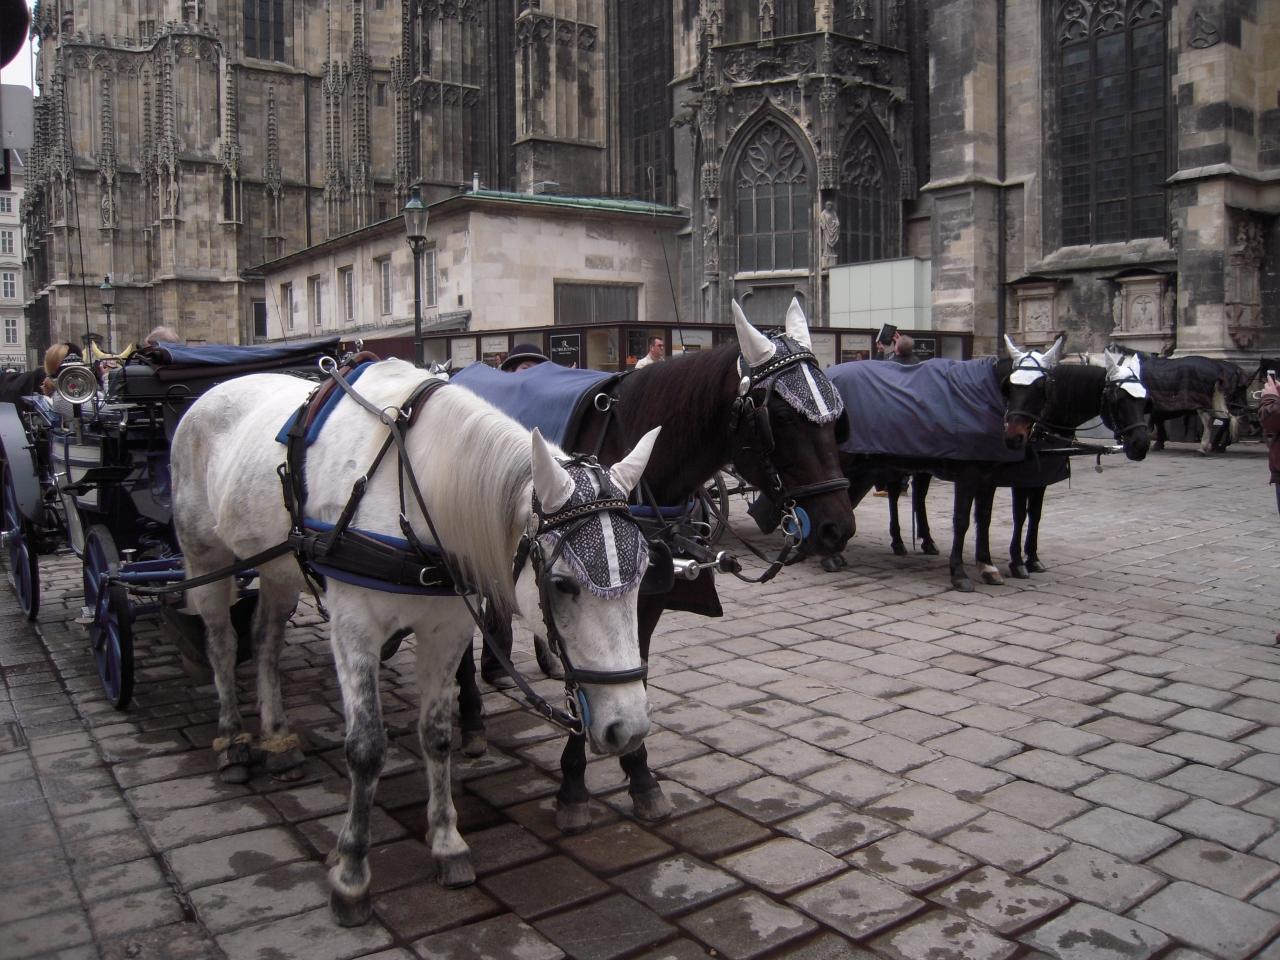 ウィーン歴史地区の画像 p1_38